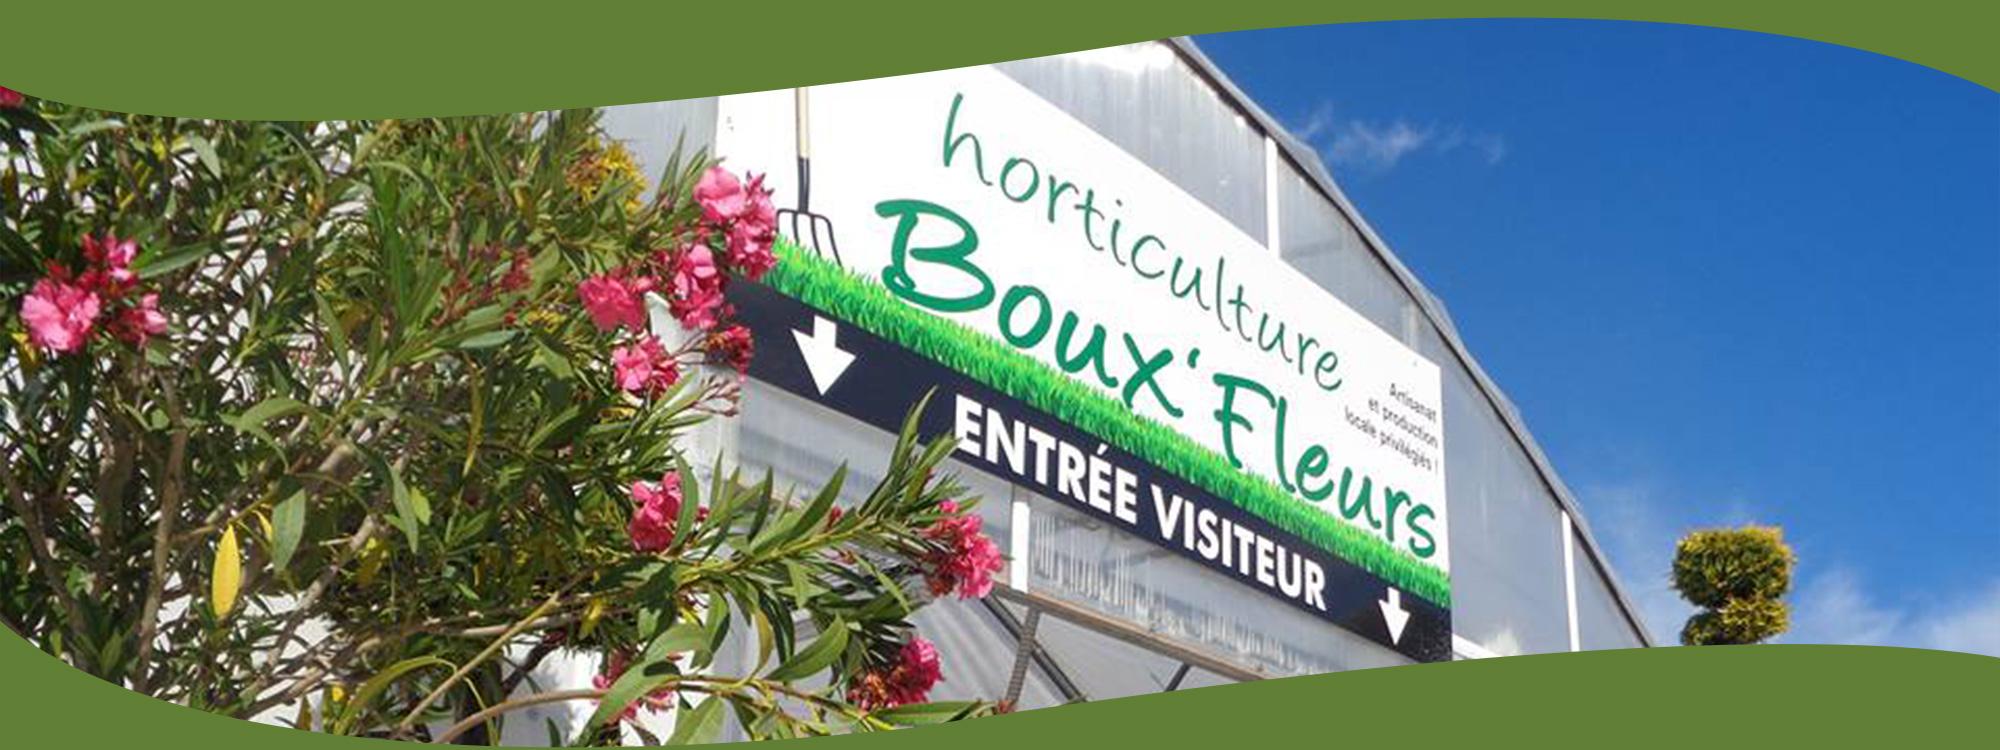 Boux fleurs horticulteur ventes de plantes fleurs for Vente plante et arbuste